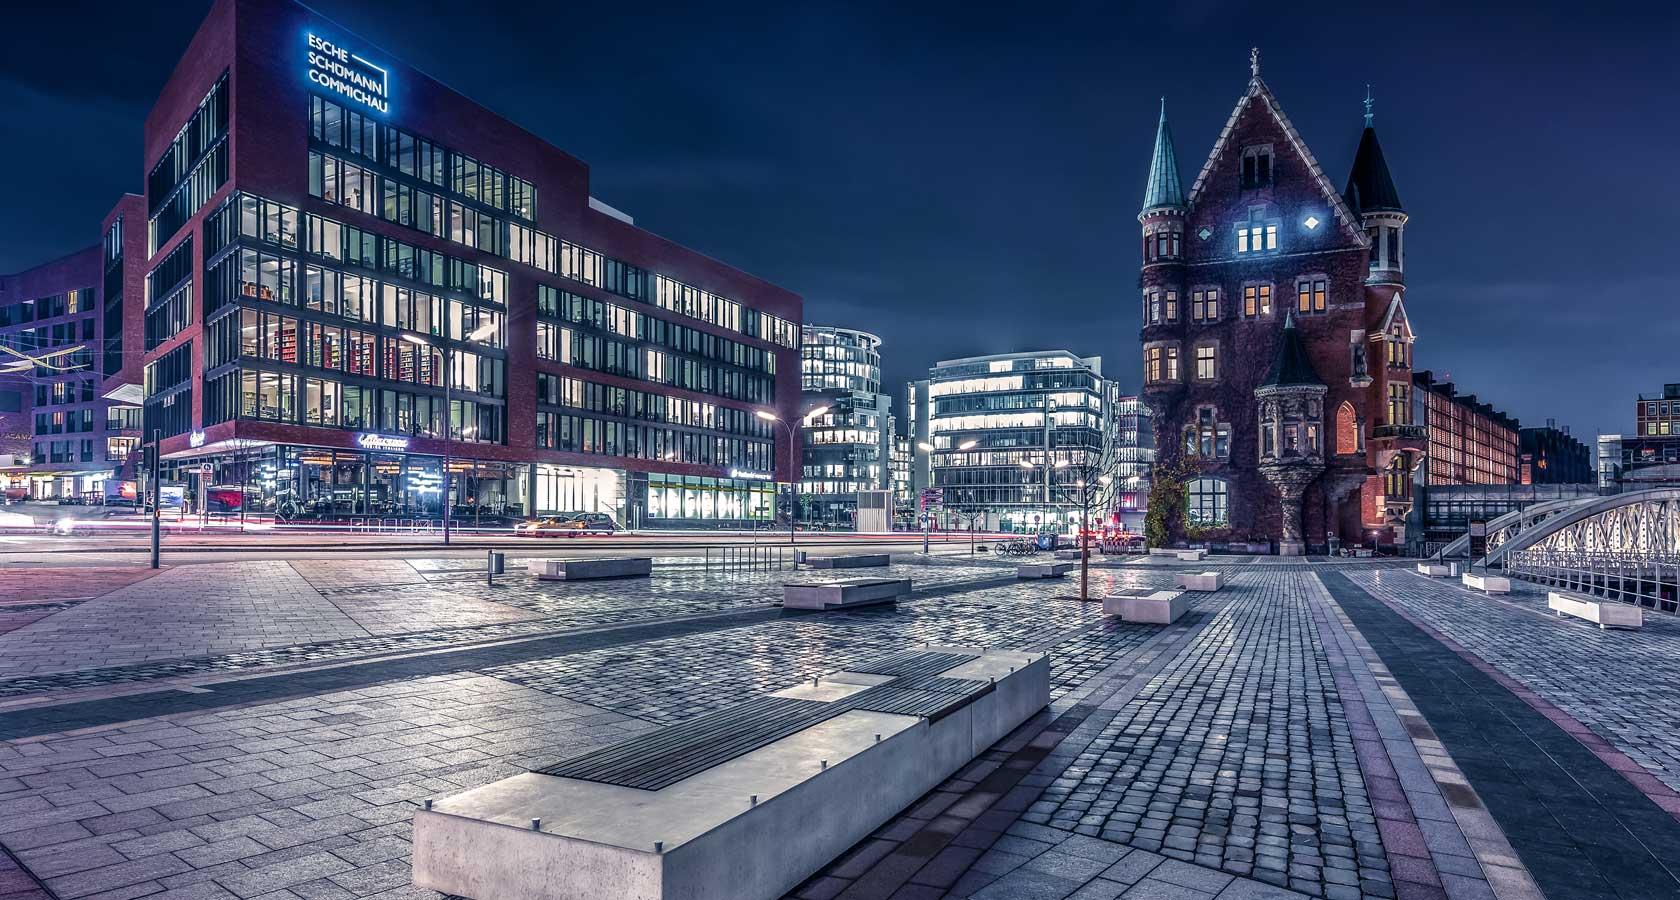 architekturfotografie aus hamburg die architektur der stadt